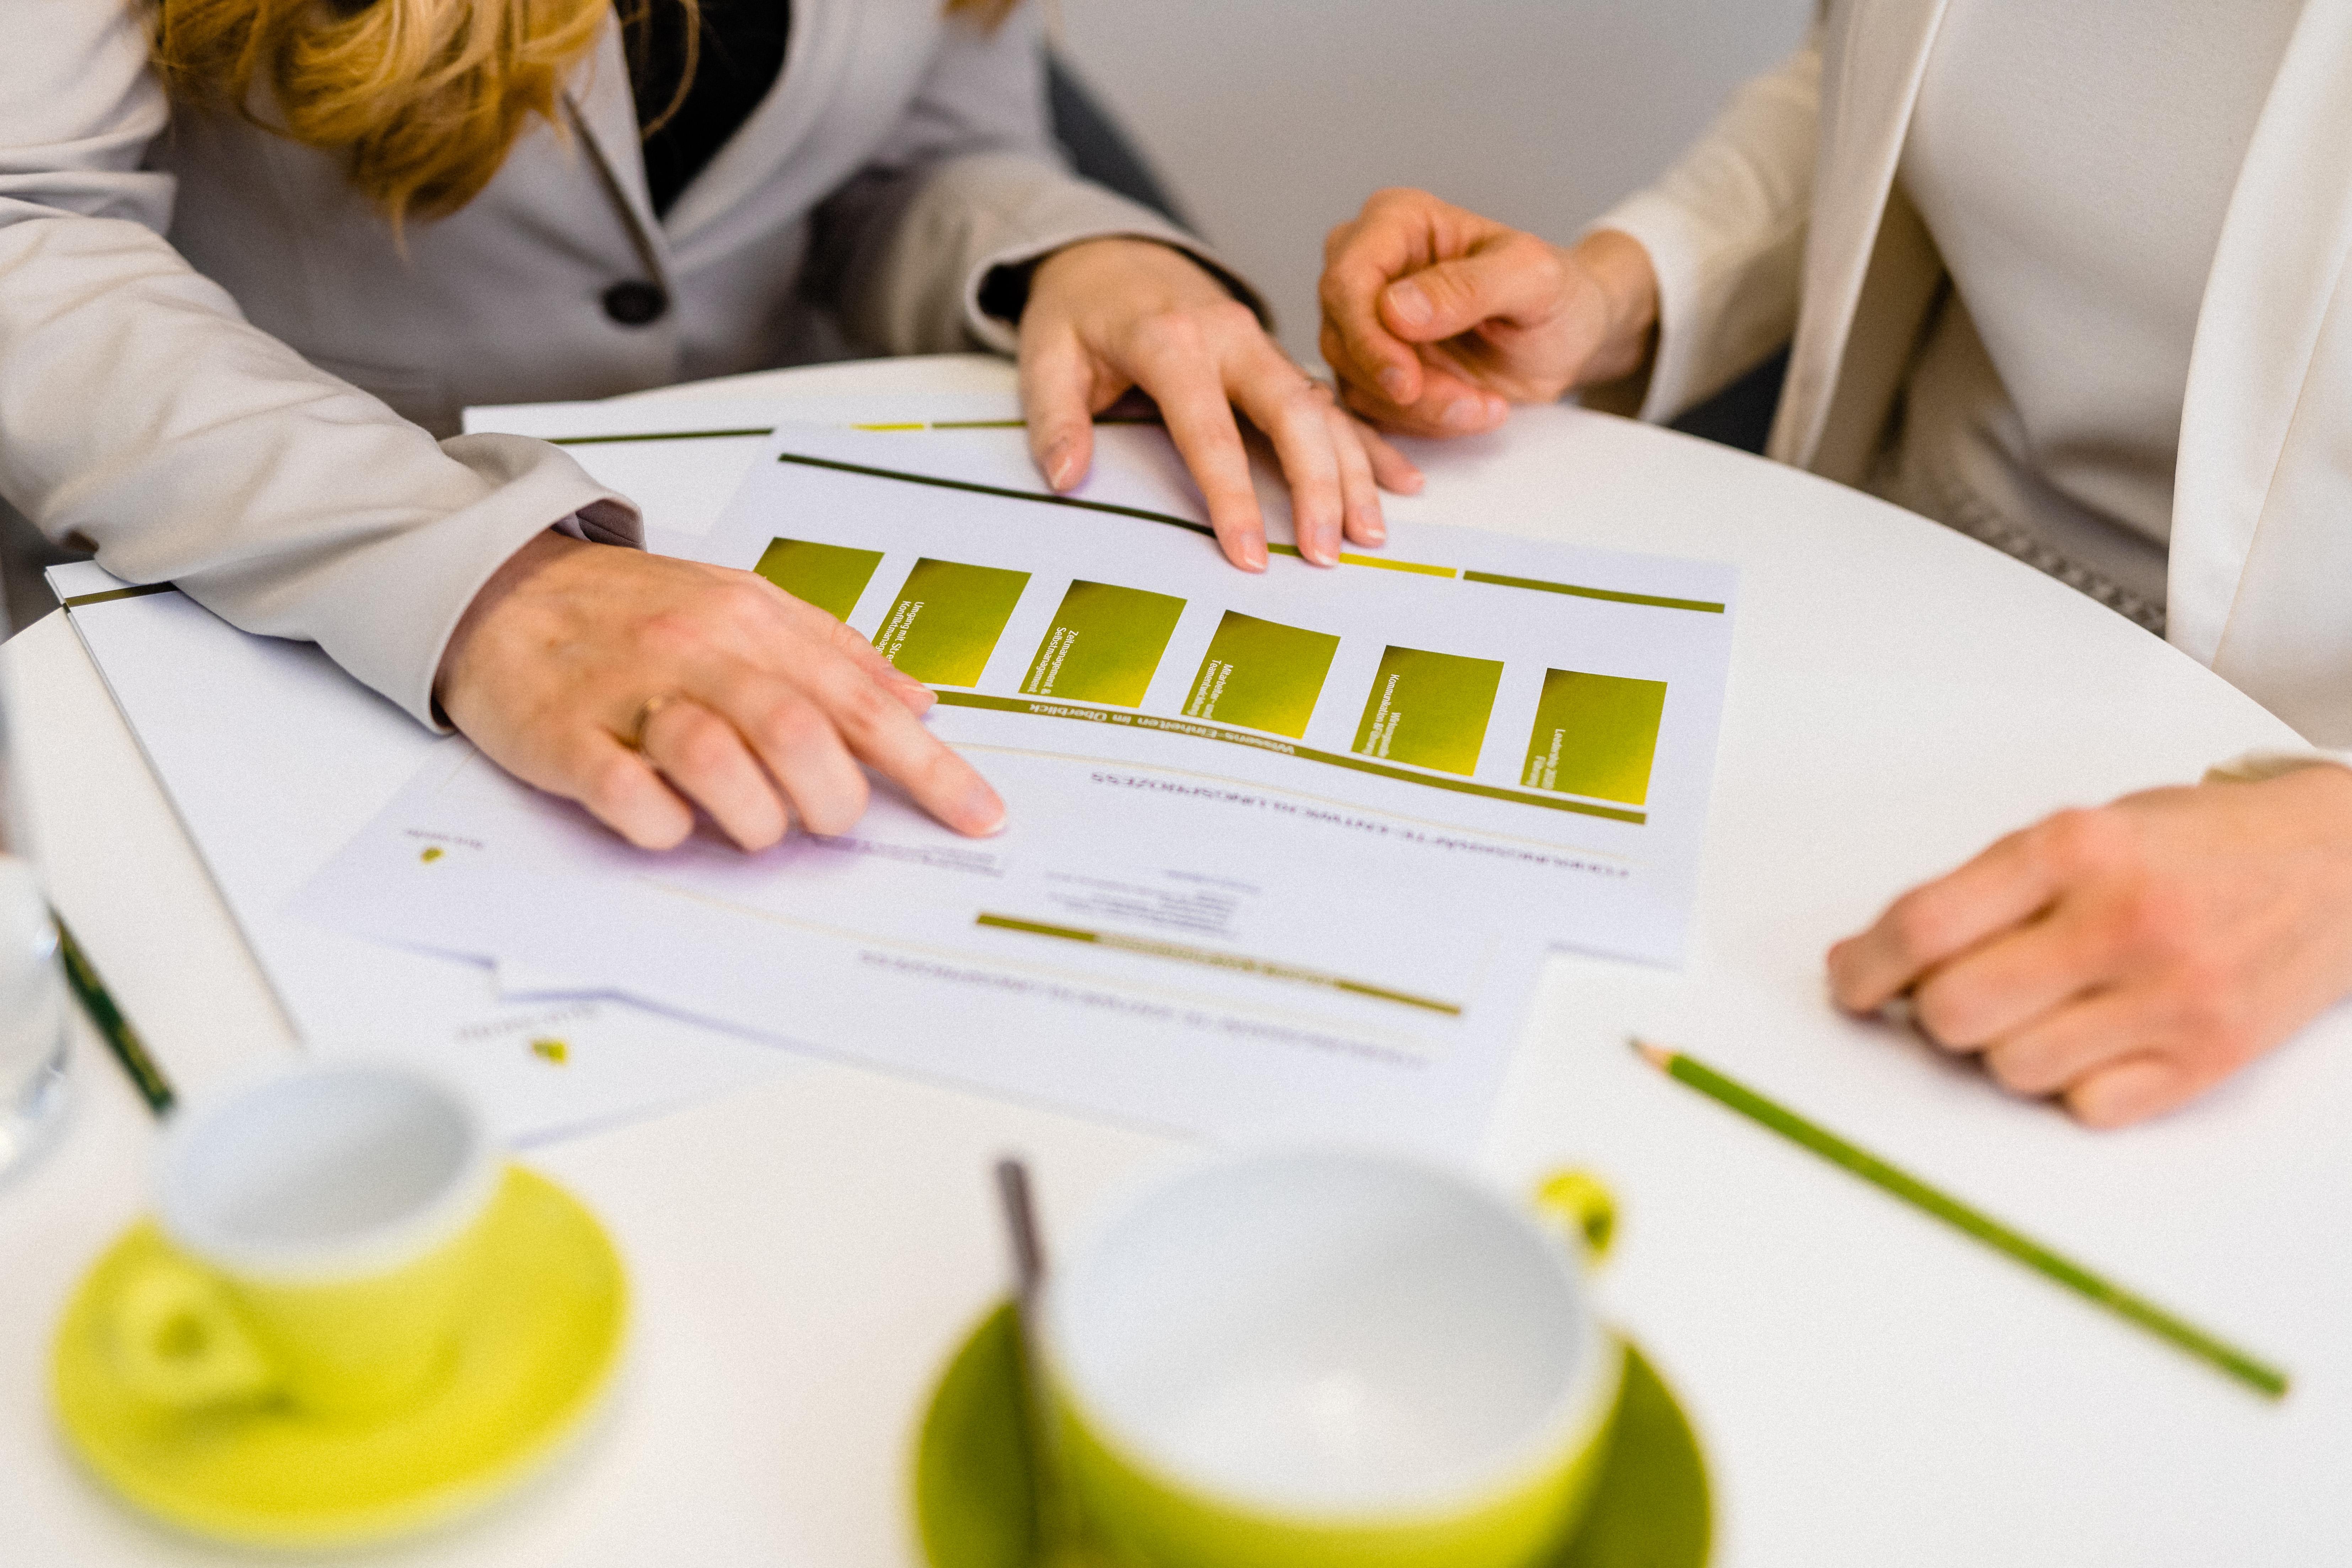 Führungsinstrument Zielvereinbarung – Wie steht es um Ihre persönlichen und beruflichen Ziele für 2020?